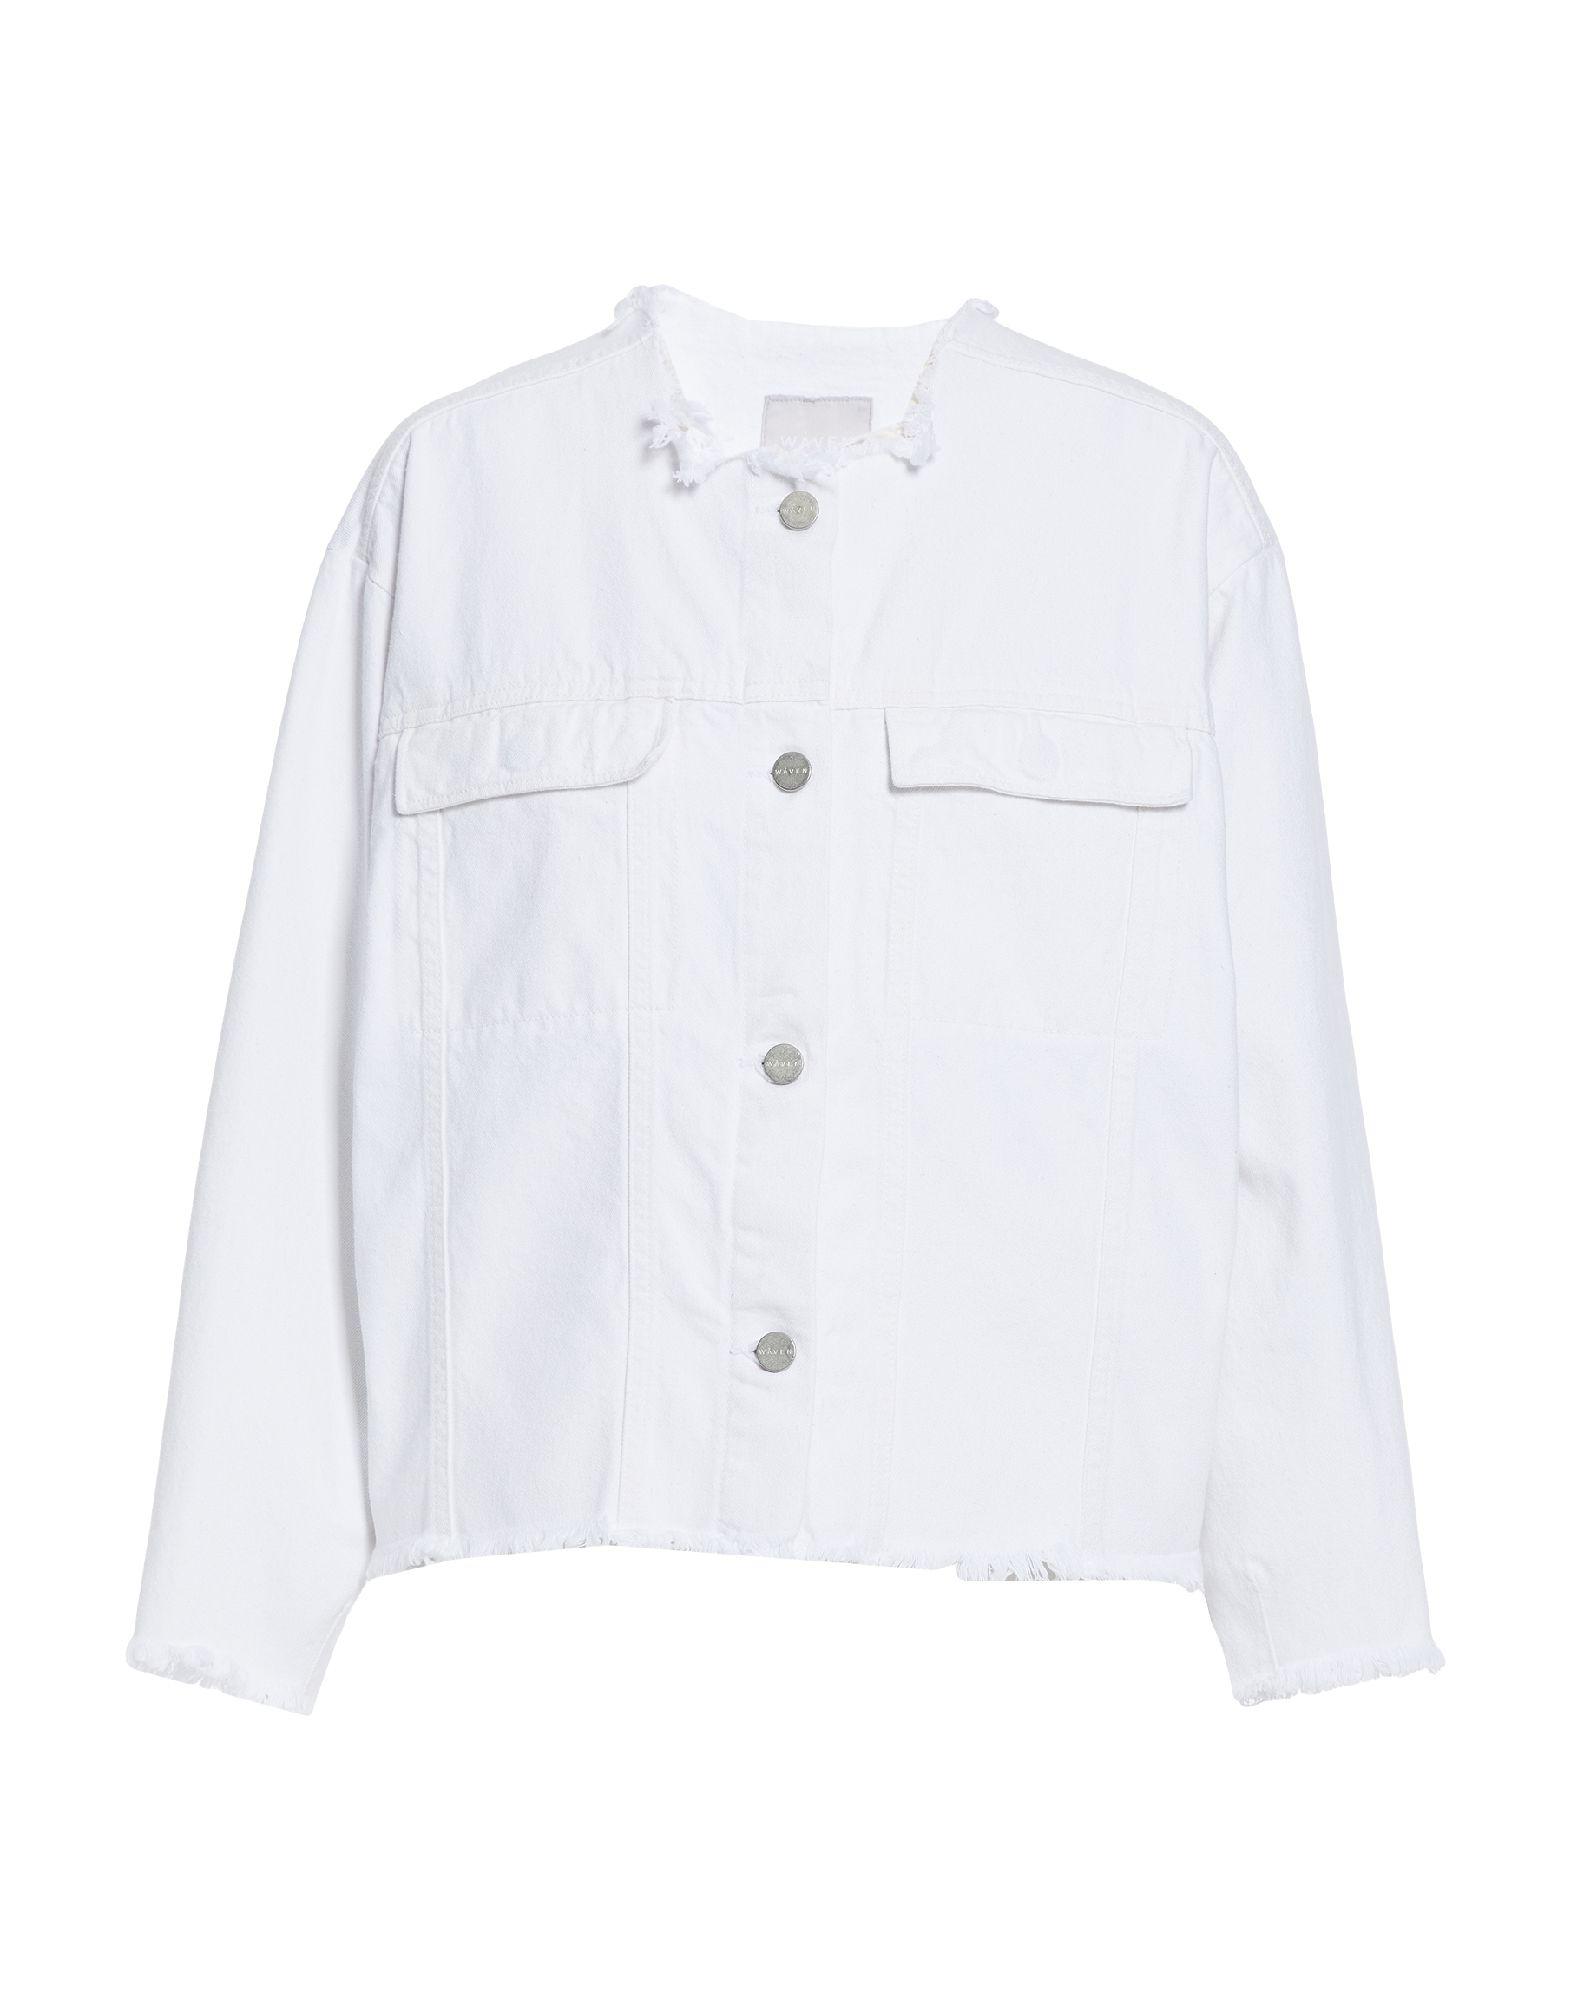 WÅVEN Джинсовая верхняя одежда colmar джинсовая верхняя одежда